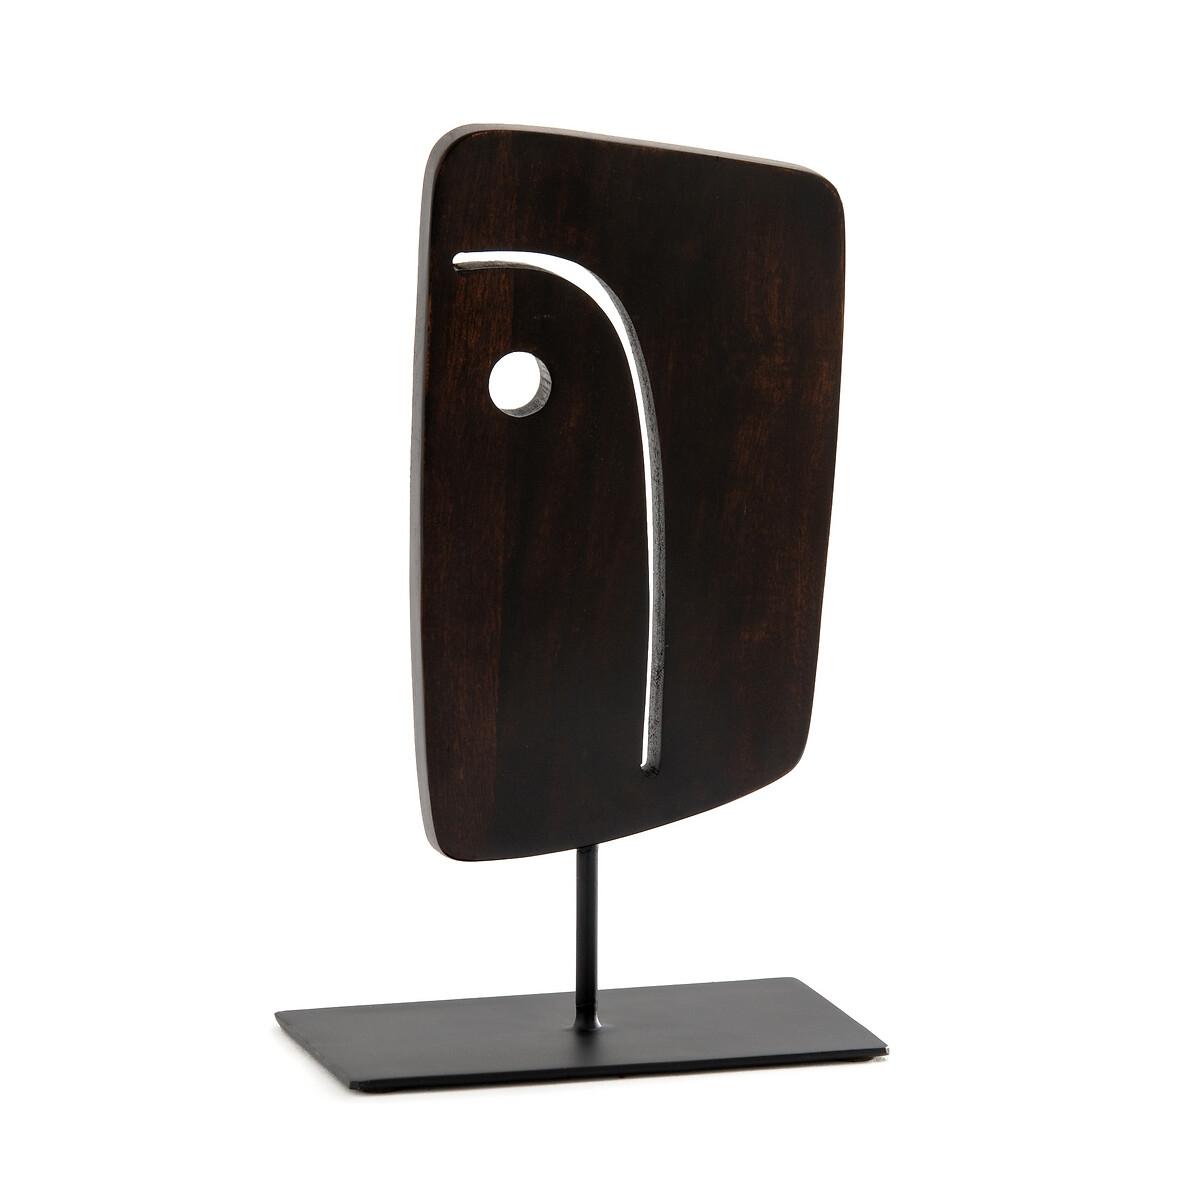 Статуэтка La Redoute Декоративная в форме лица из мангового дерева Nyala единый размер каштановый зеркало la redoute afsan из массива мангового дерева единый размер черный